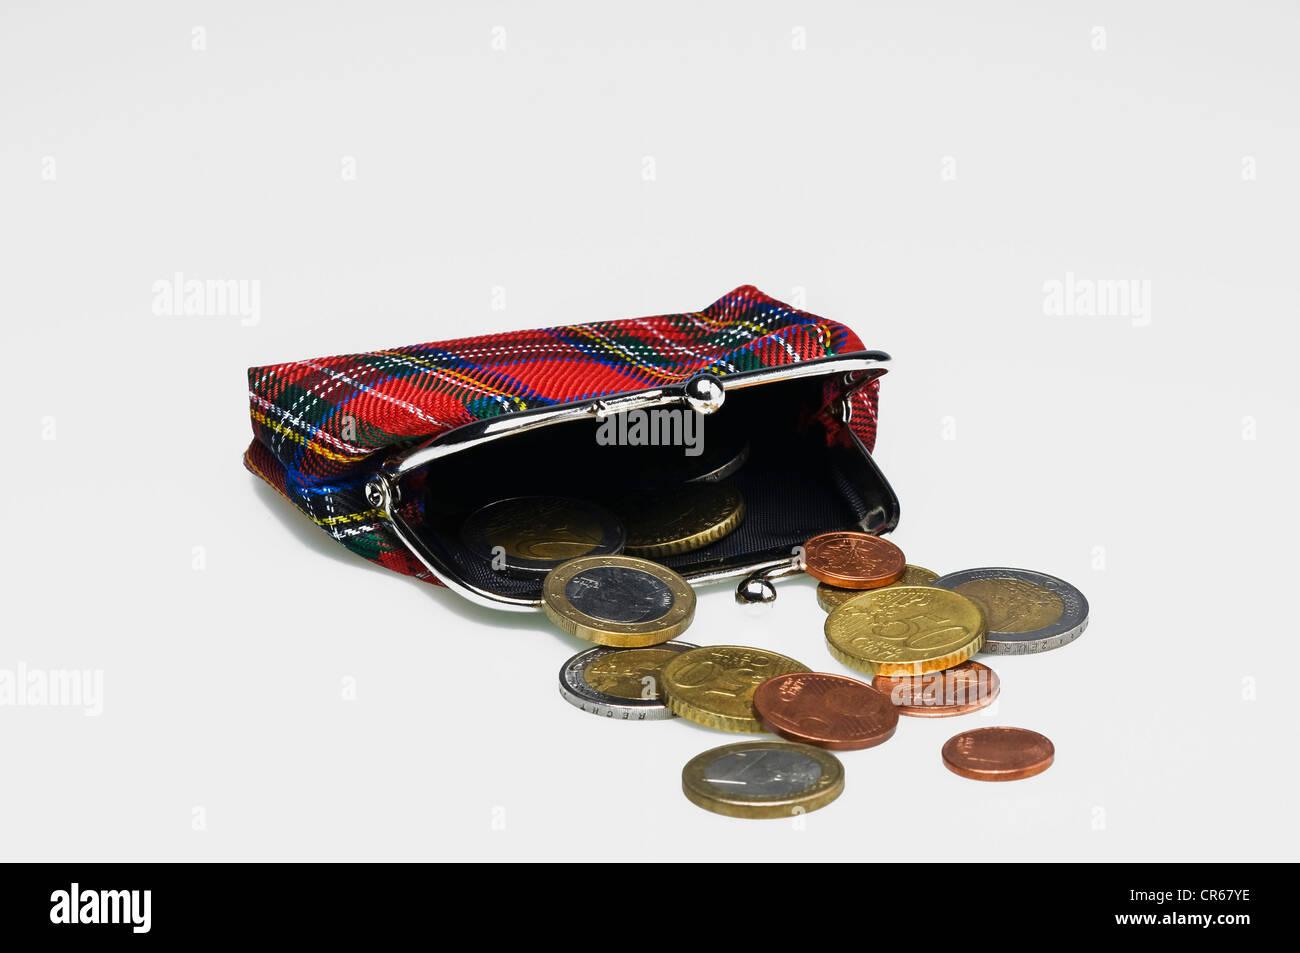 Brieftasche oder Geldbörse mit schottischen Tartan-Muster und Euro-Münzen, symbolisches Bild für Stockbild